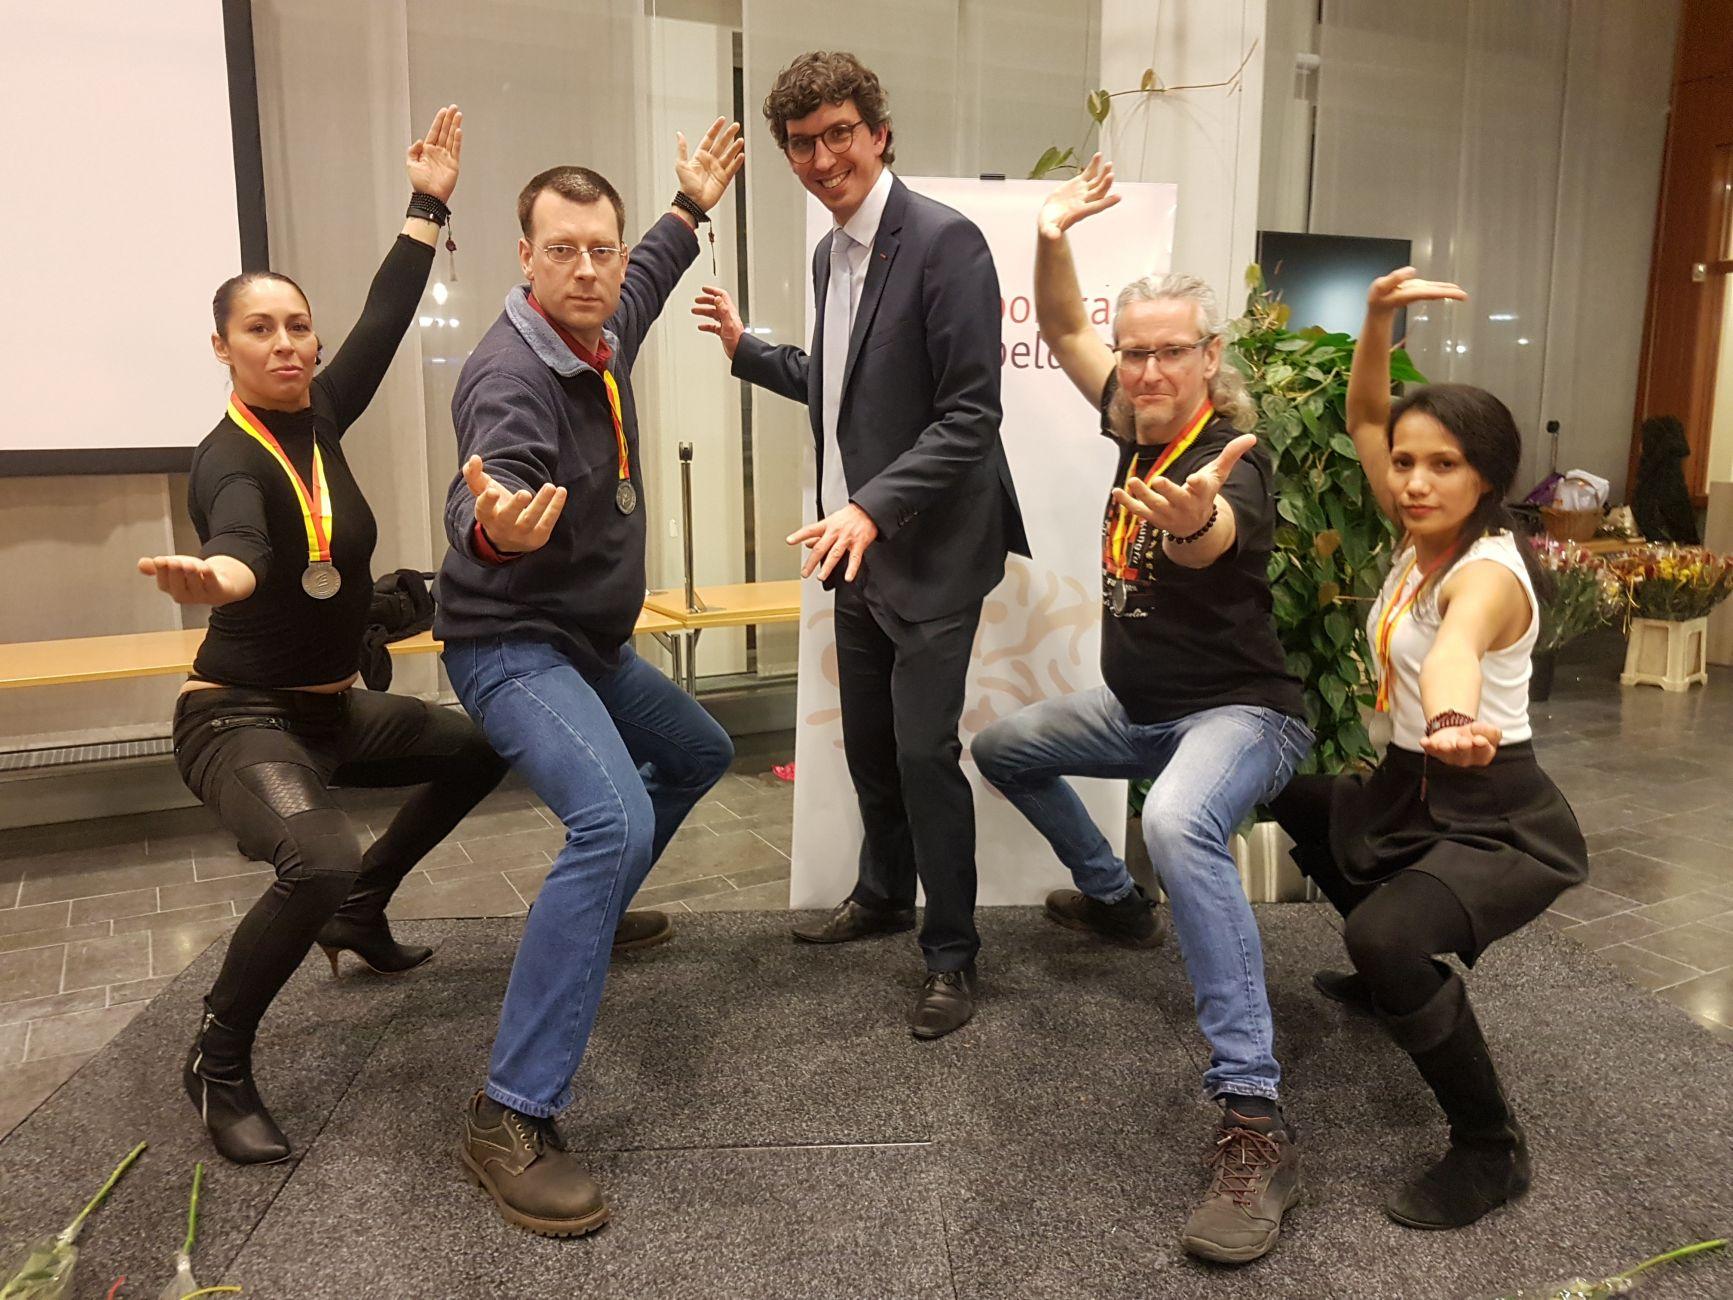 Zutphenaar Douwe ter Horst als vechtsporter gehuldigd